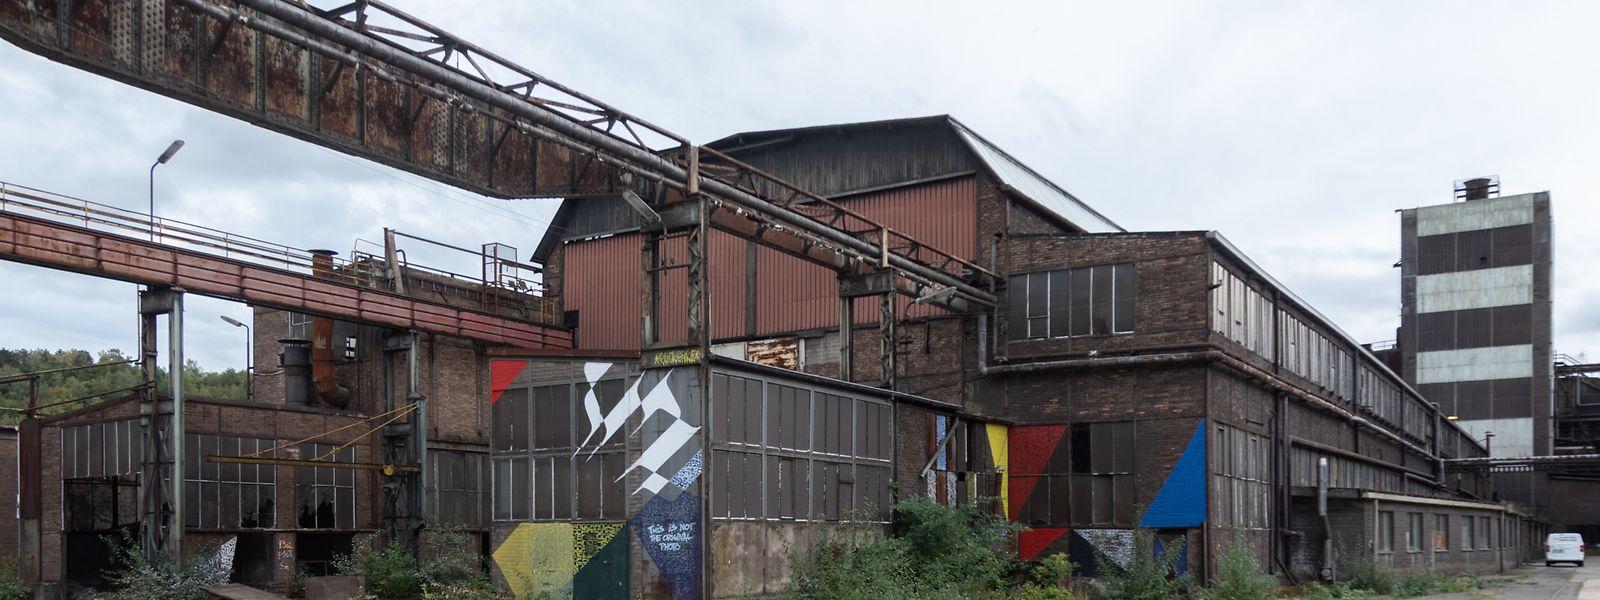 2022 könnte sich das Ferro Forum in der Zentralwerkstatt des ehemaligen Stahlwerks zwischen Esch/Alzette und Schifflingen niederlassen.